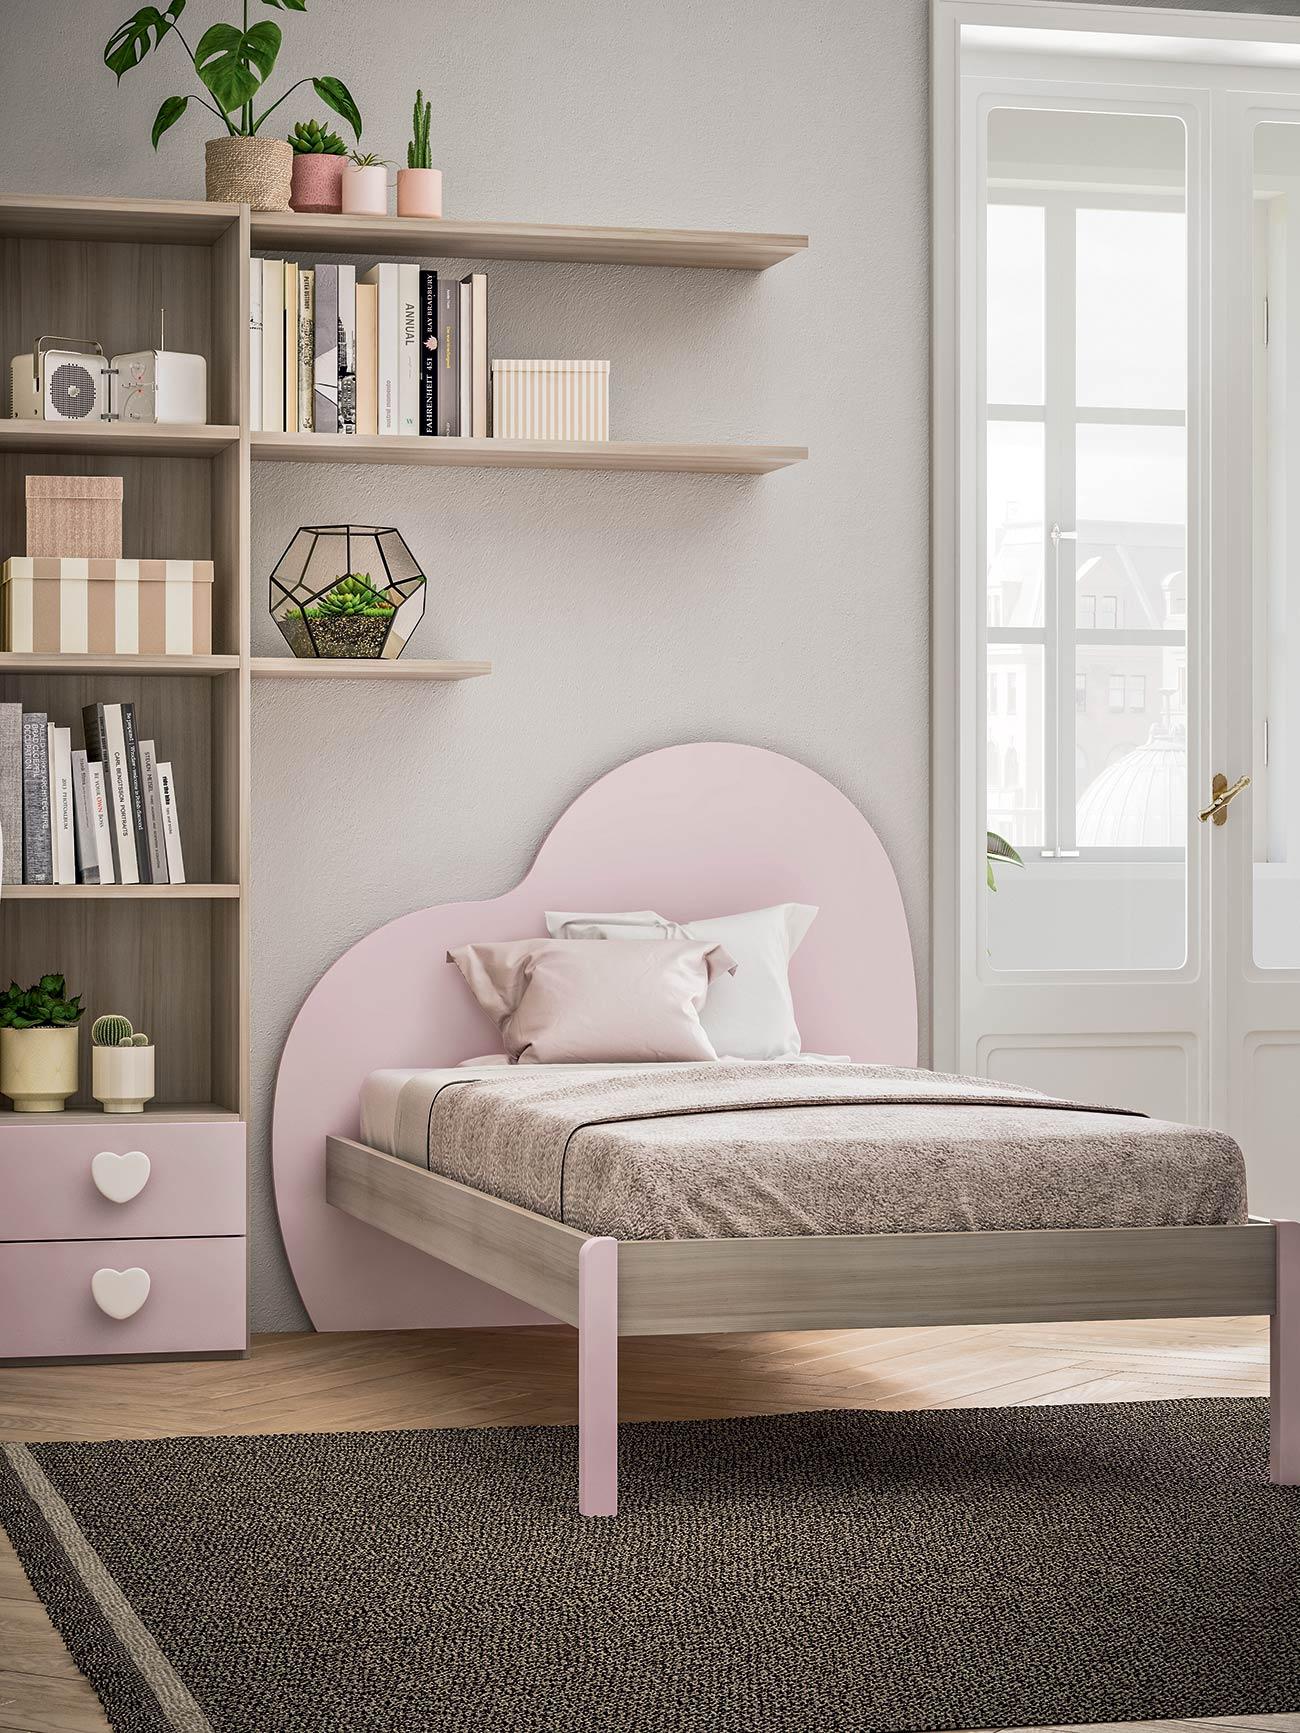 Testata Letto Cameretta.Camerette Con Letti A Terra Mab Home Furniture